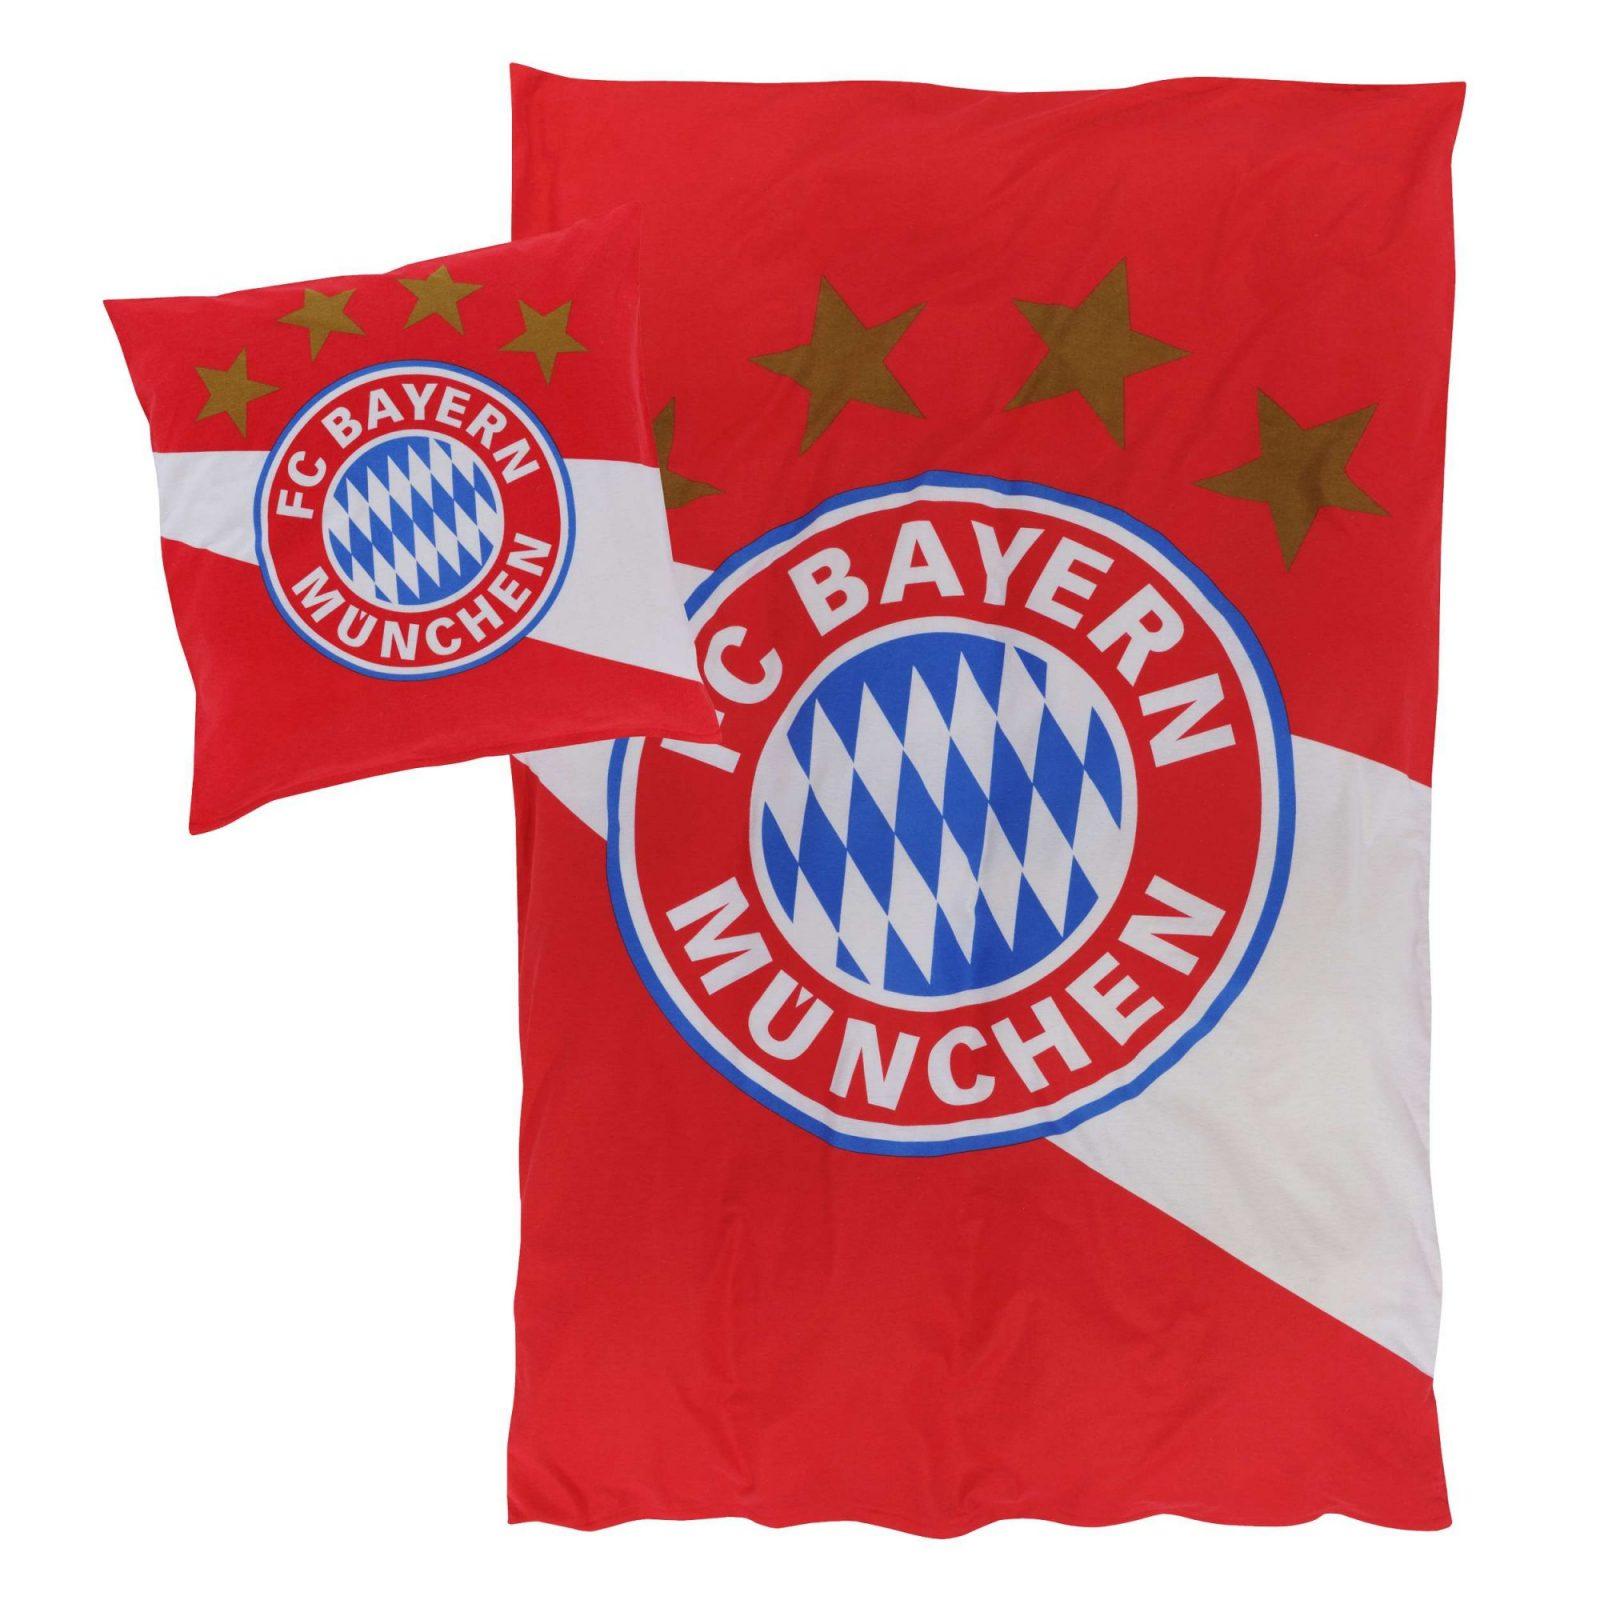 Bettwäsche Biber  Offizieller Fc Bayern Fanshop von Fc Bayern Bettwäsche Biber Bild